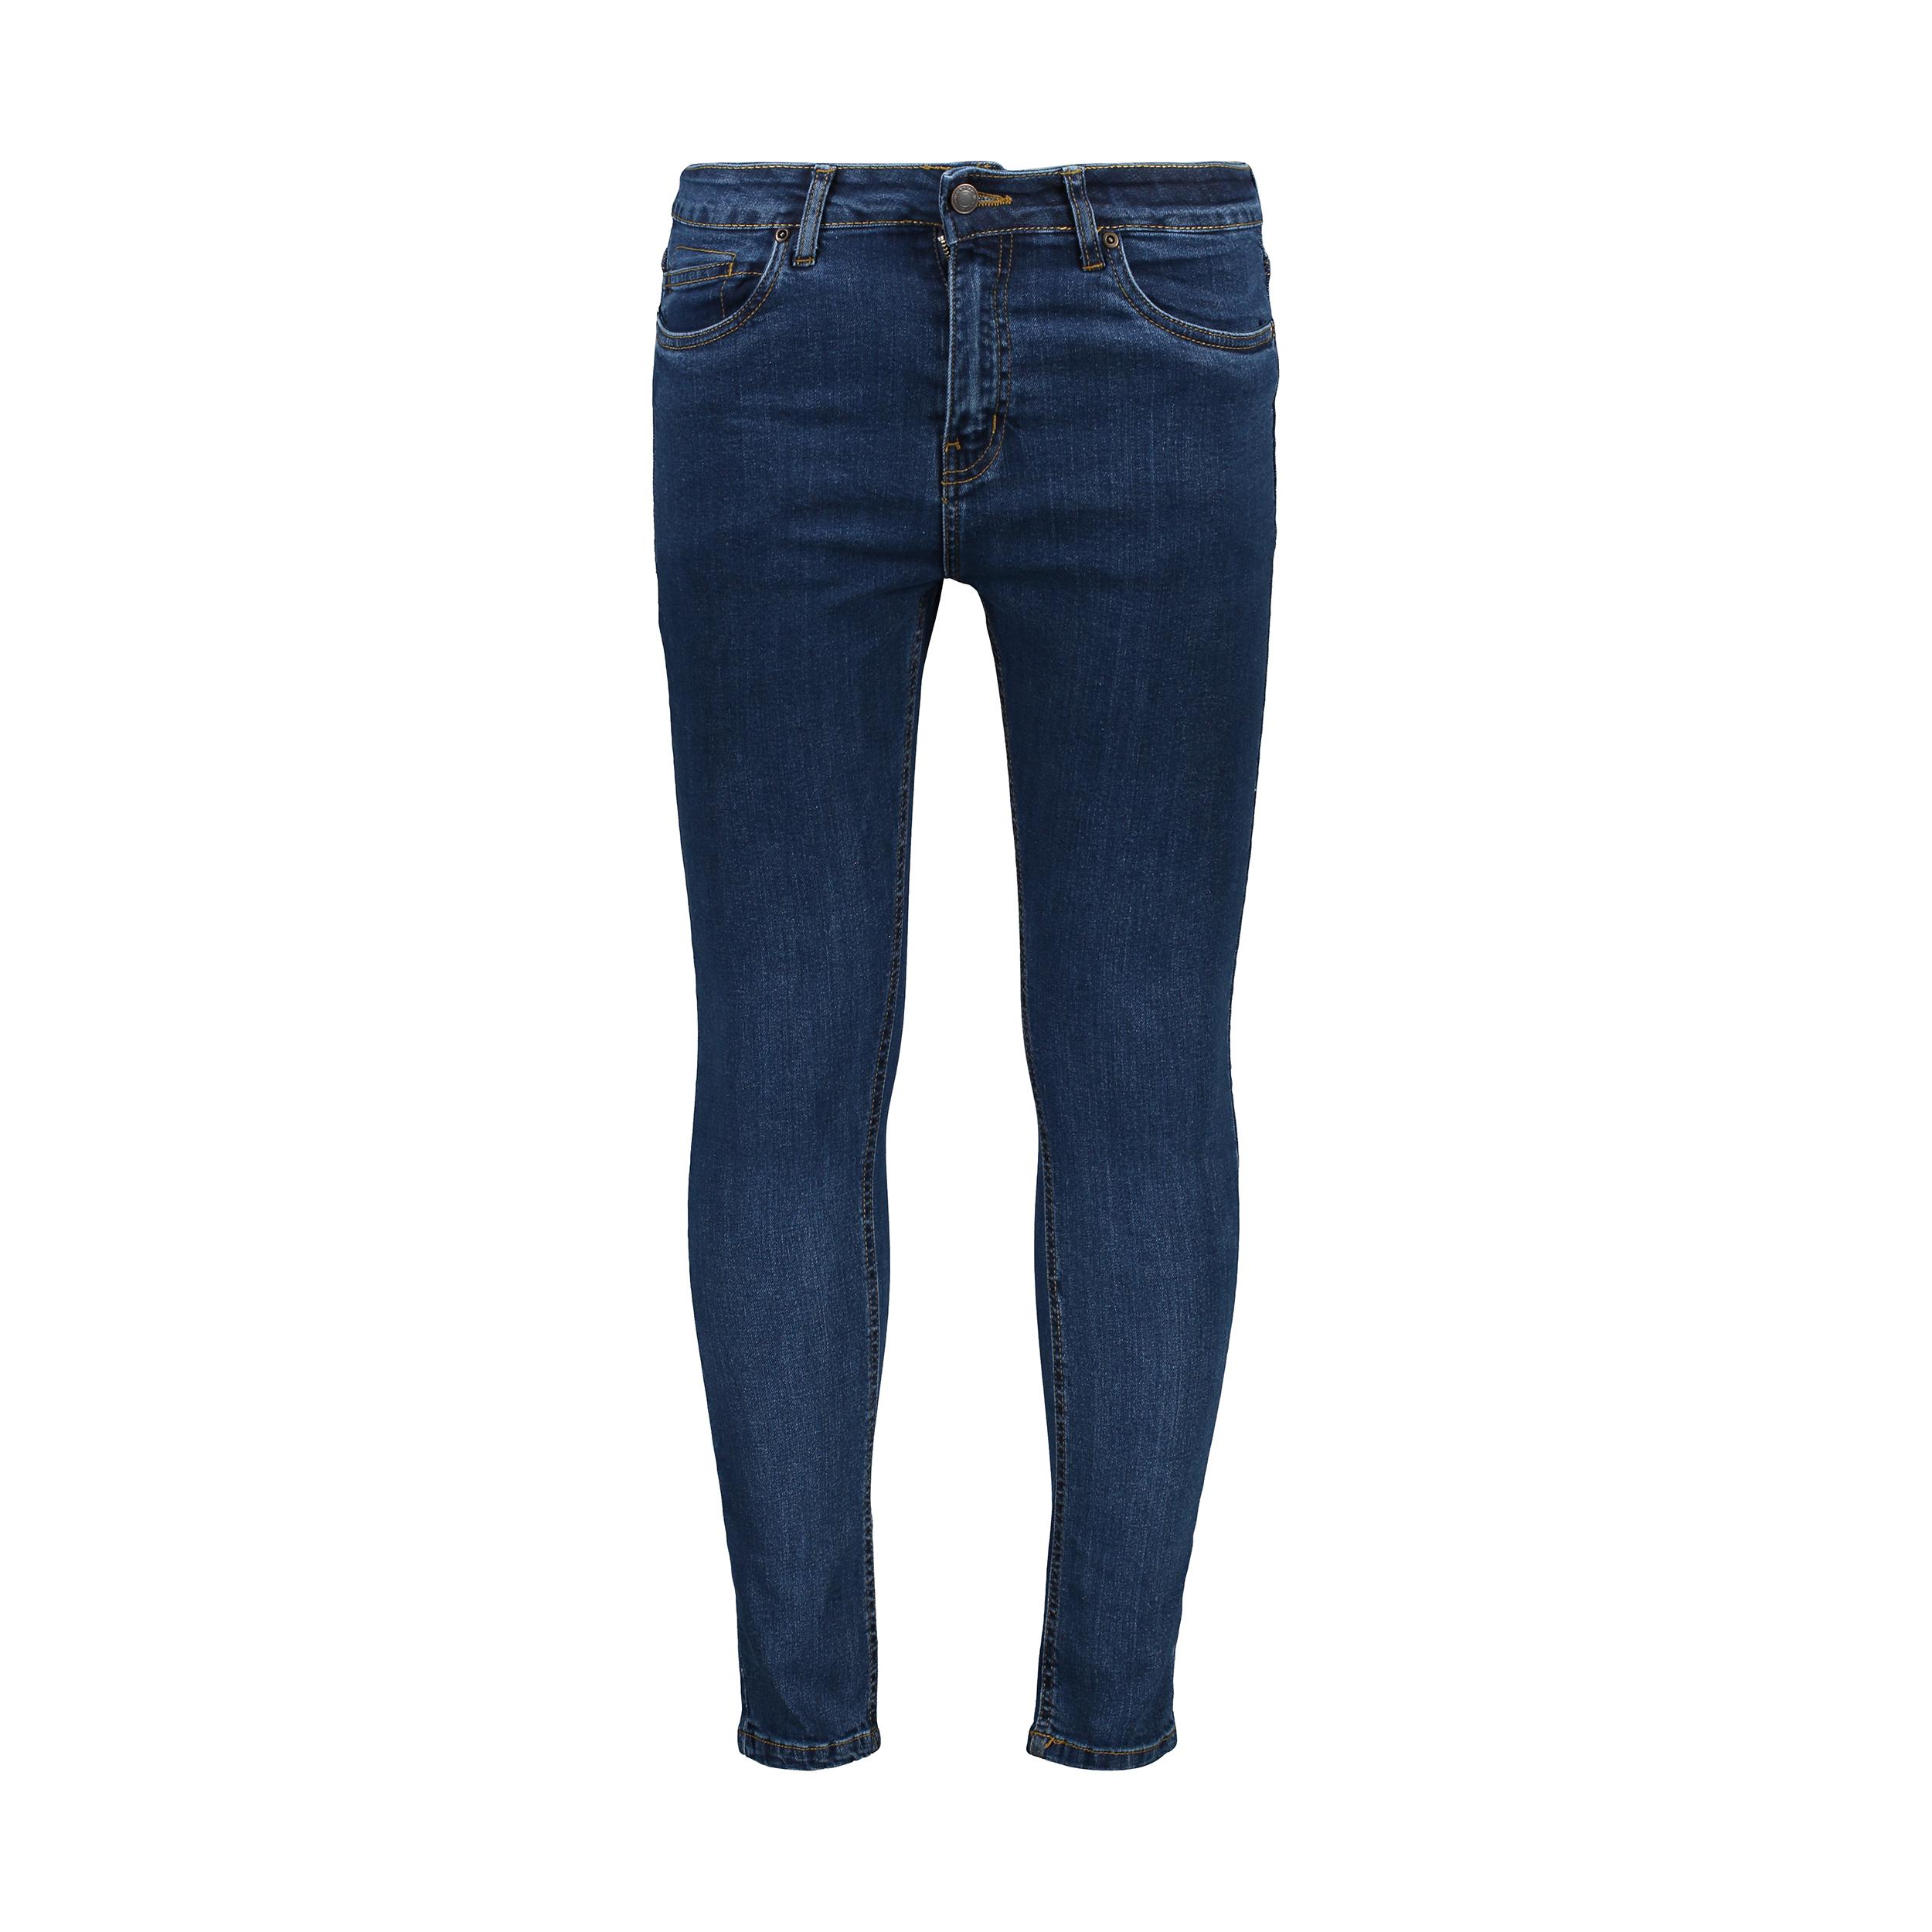 راهنمای خرید شلوار جین مردانه زی مدل 153120657 لیست قیمت